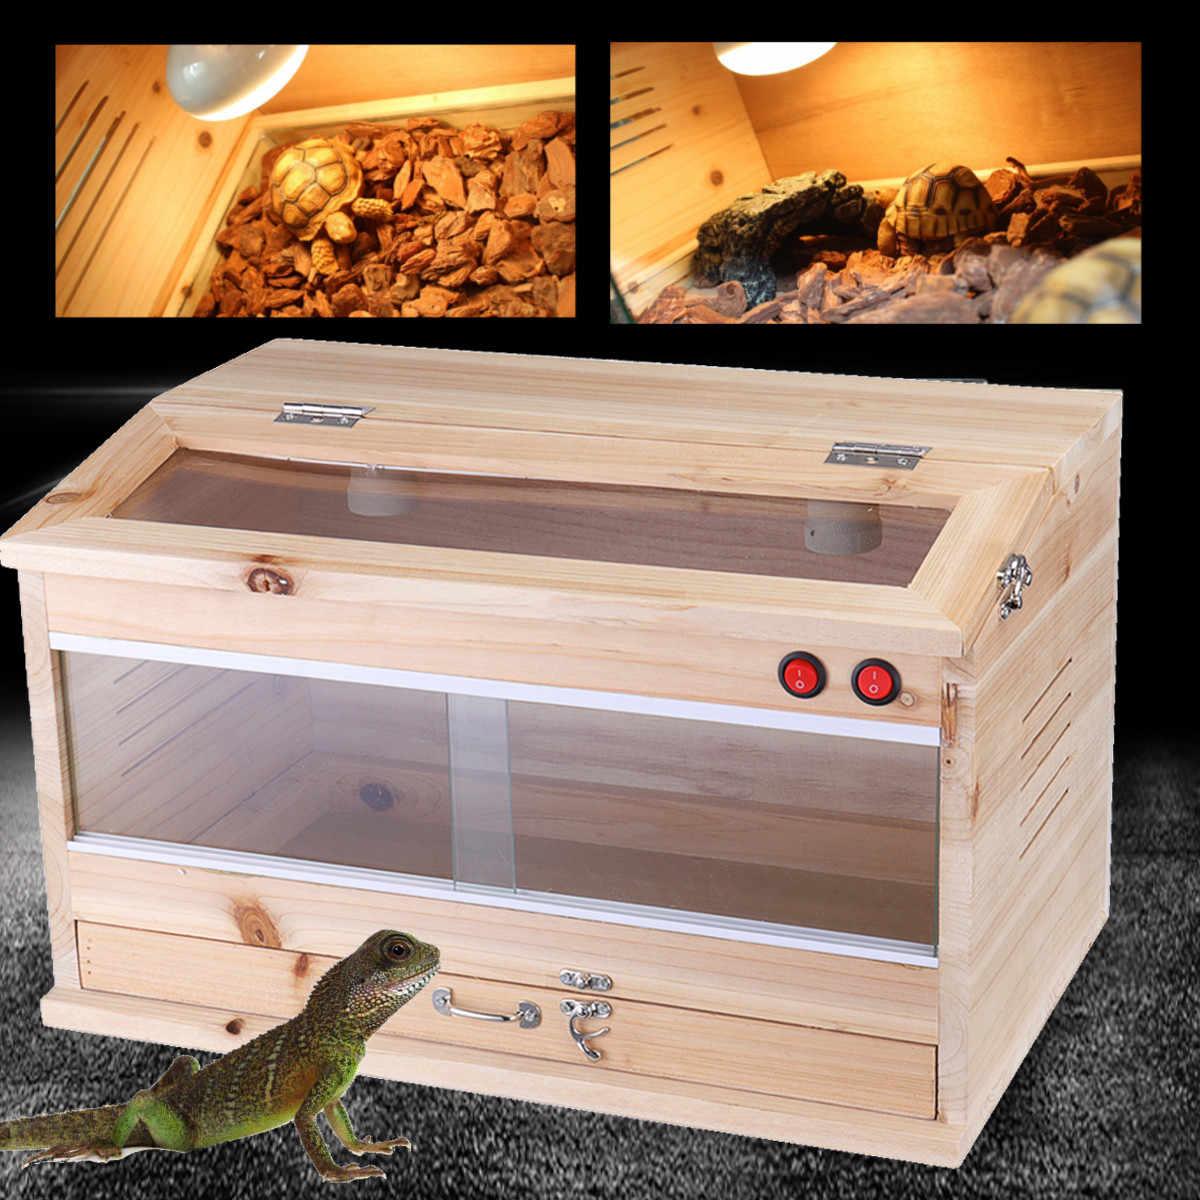 ไม้สัตว์เลื้อยคลาน Terrariums Enclosure ความร้อนกรงจิ้งจกกบงูเต่าถังล็อคเพาะเลี้ยงสัตว์เลื้อยคลานอุปกรณ์